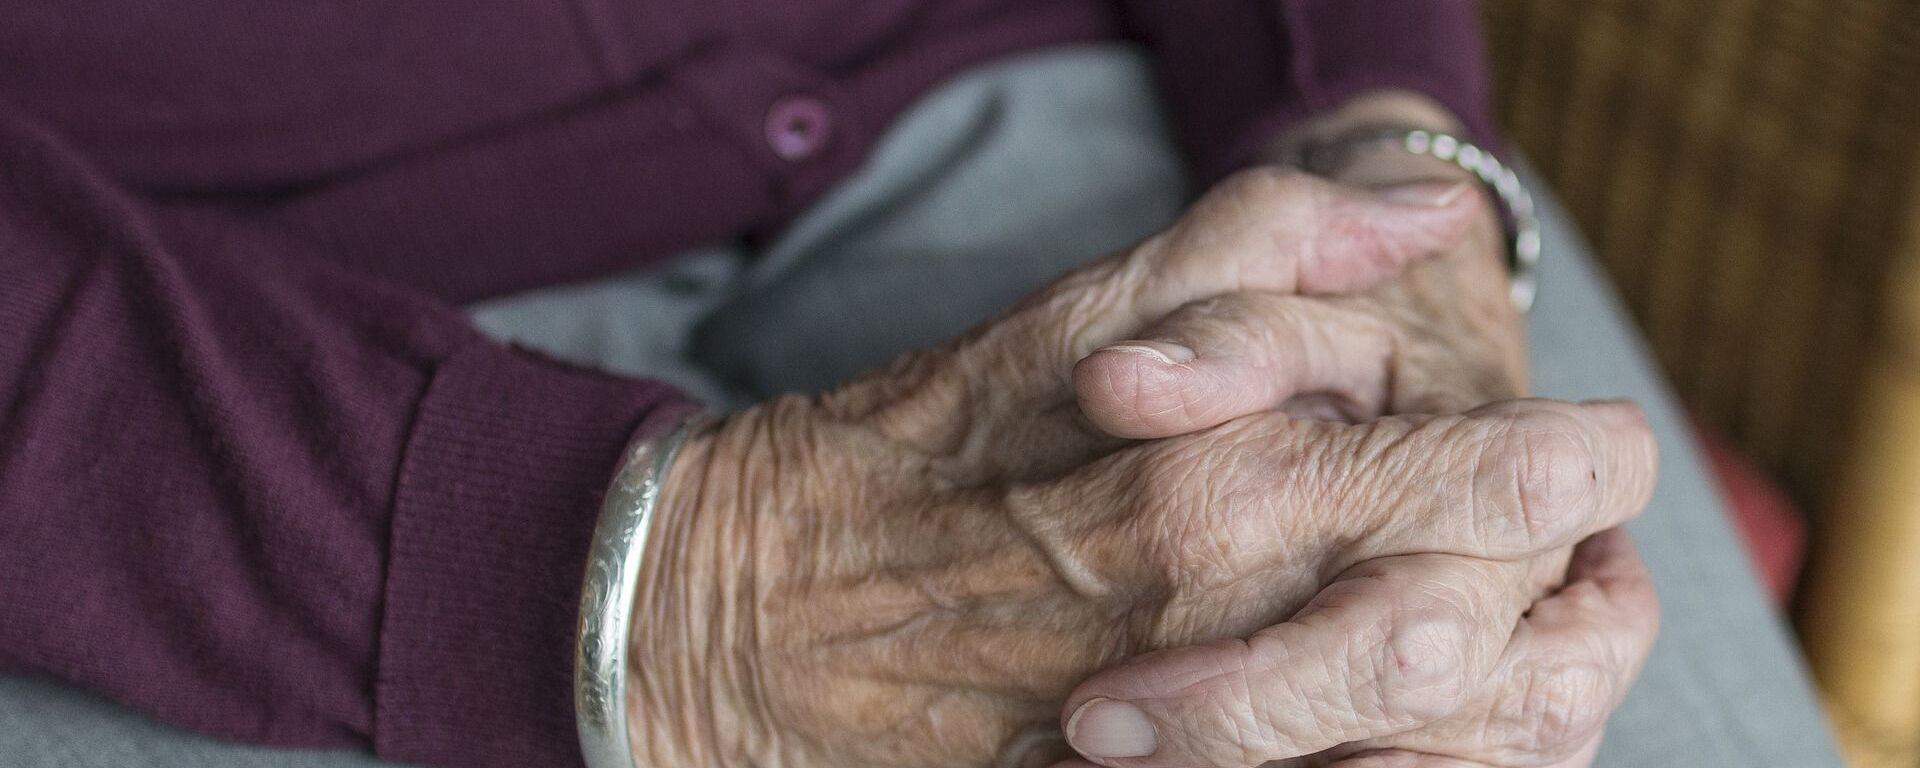 Ruce staré ženy - Sputnik Česká republika, 1920, 08.06.2021